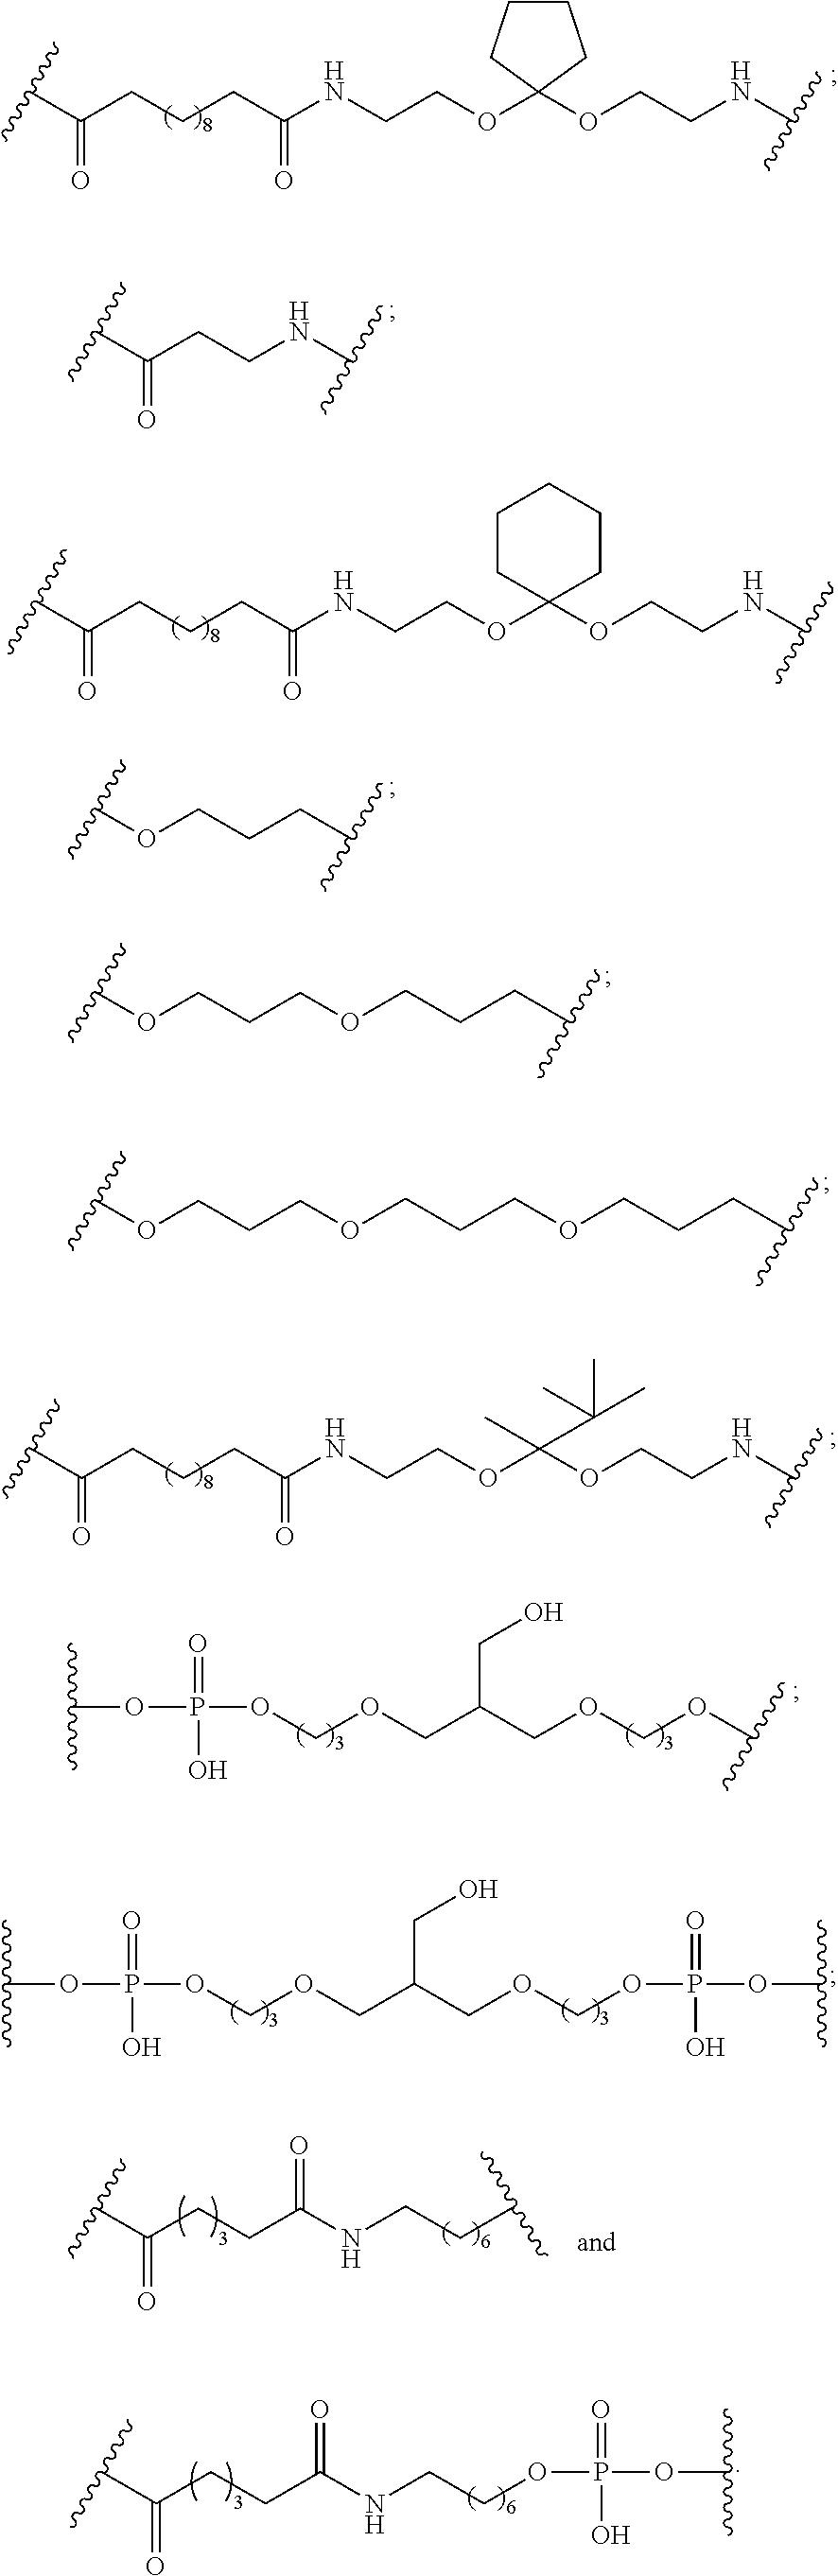 Figure US09714421-20170725-C00036